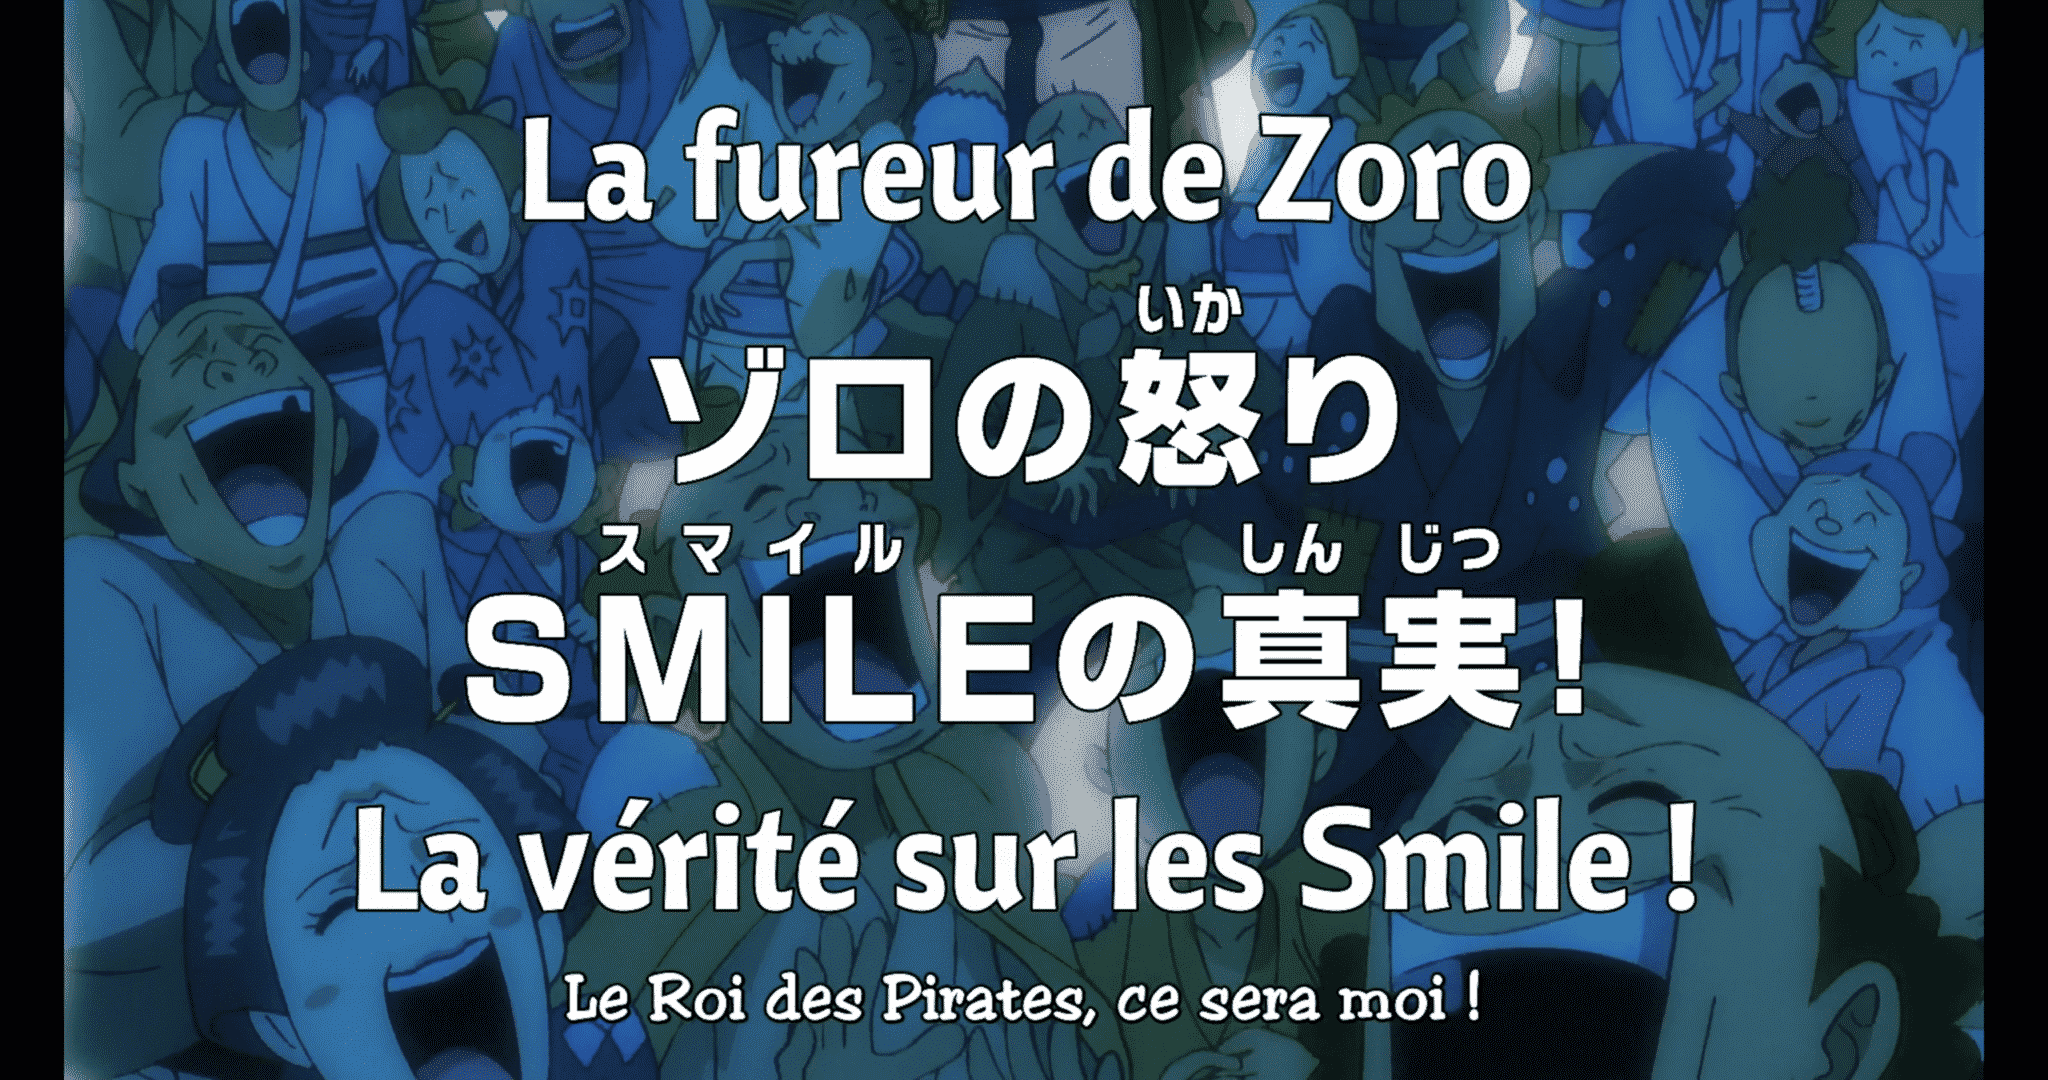 One piece 940 vostfr - La fureur de Zoro - La vérité sur les Smile ! 1